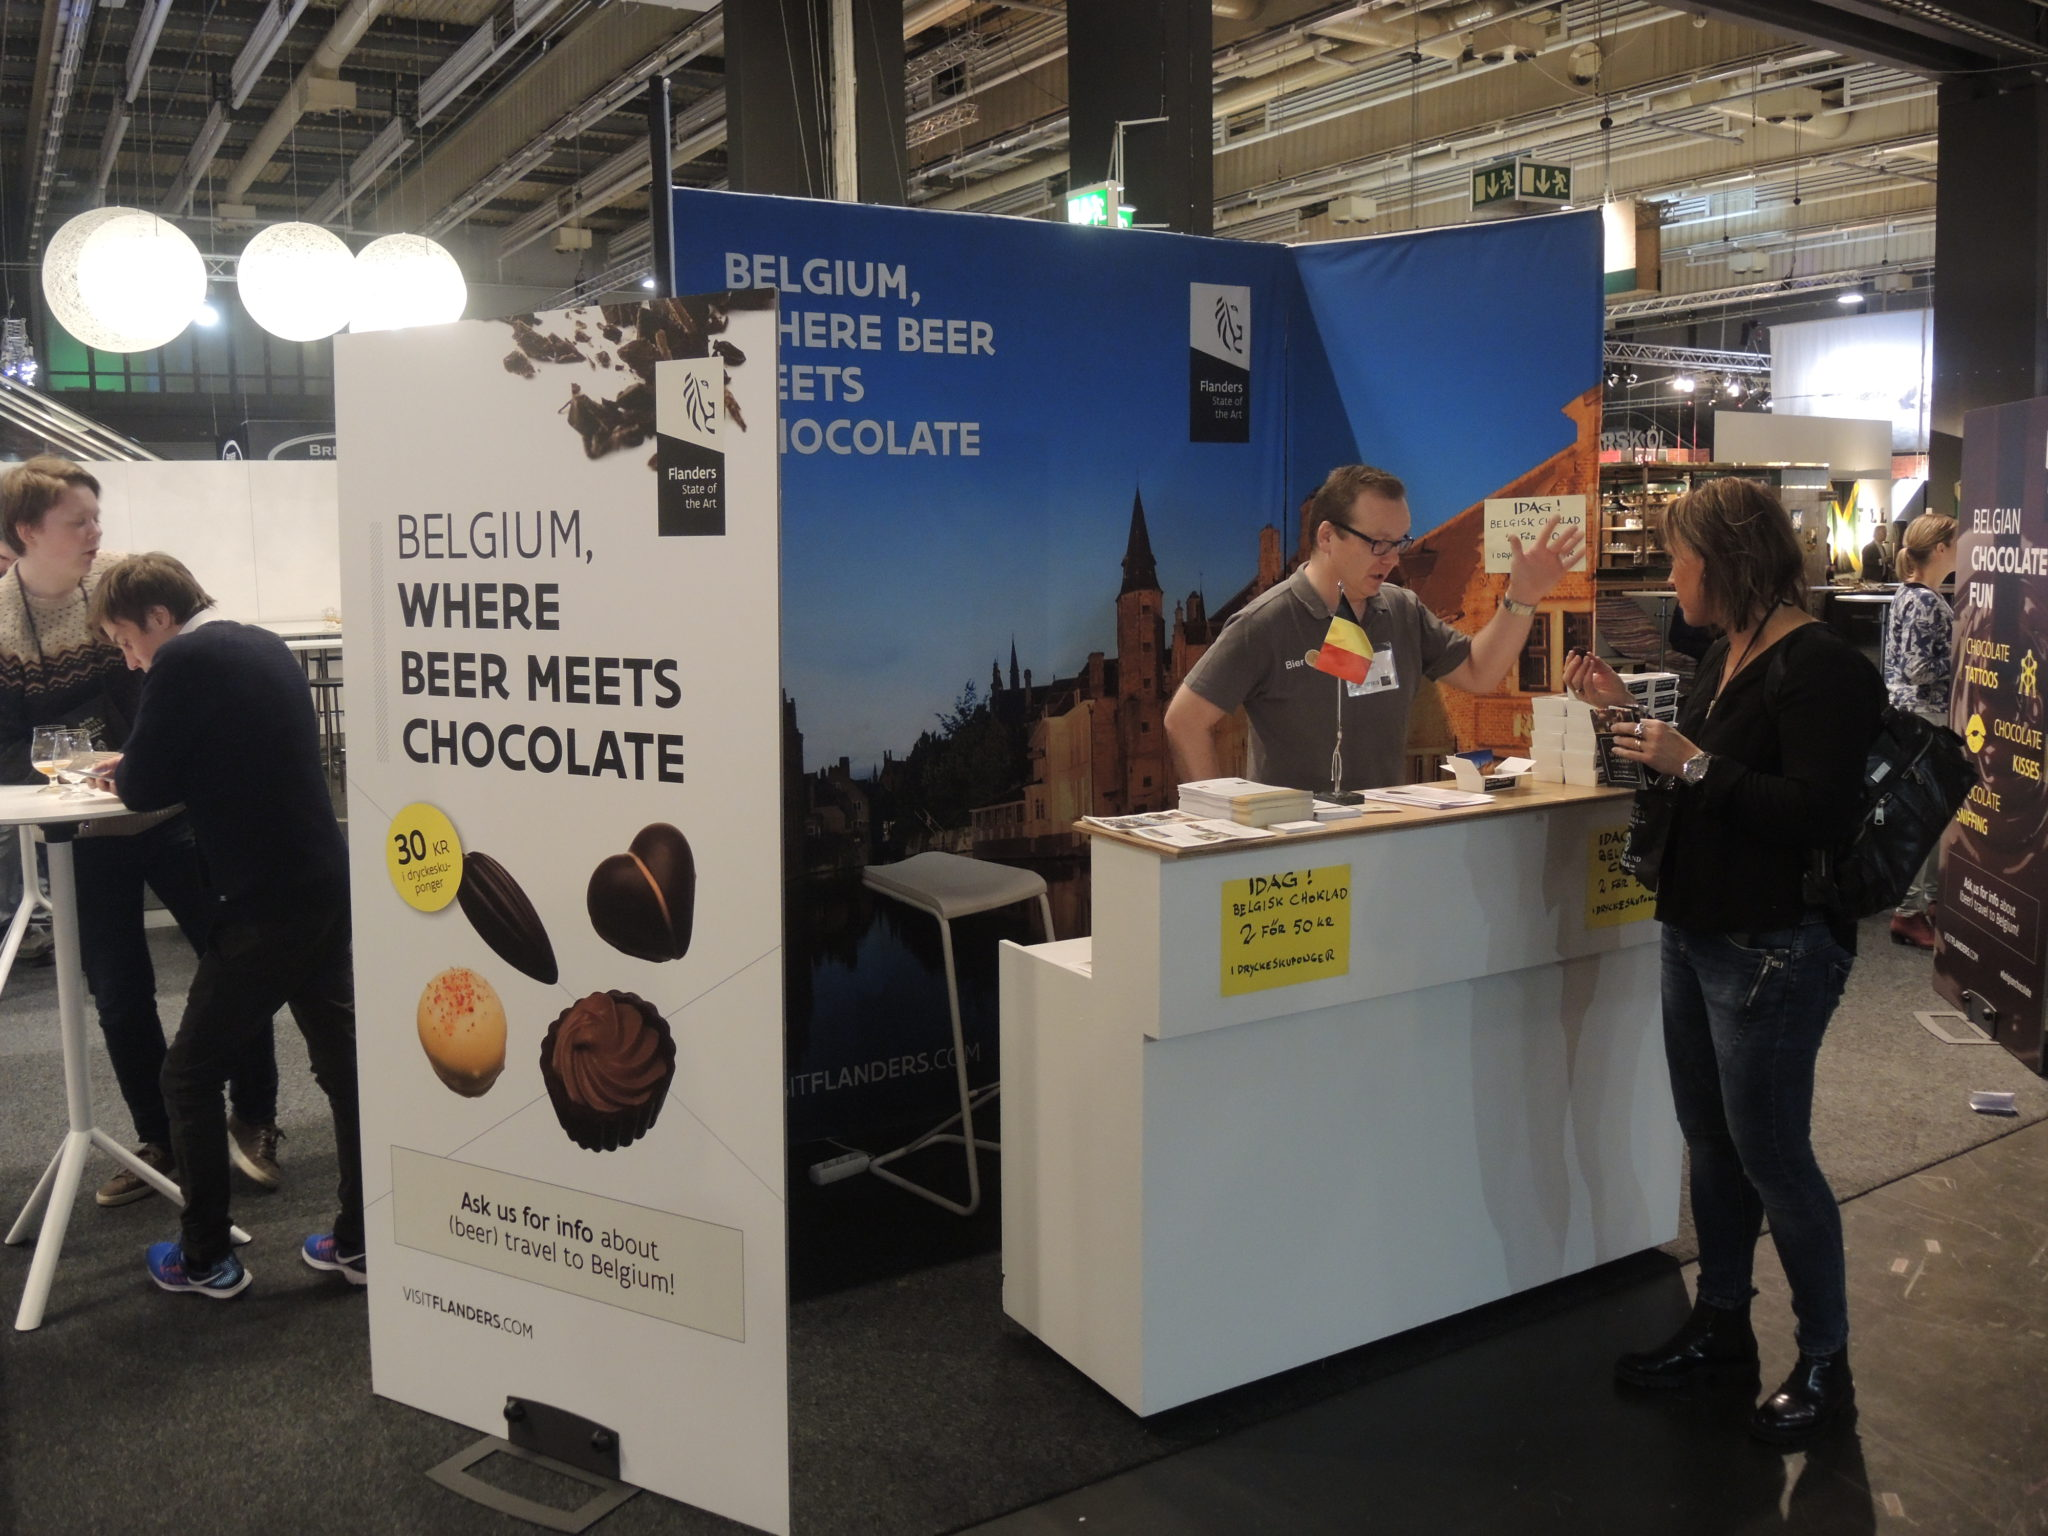 Toerisme-Vlaanderen-Bierfestival-GOT-Mar176-1 Toerisme Vlaanderen Bierfestival GOT Mar17